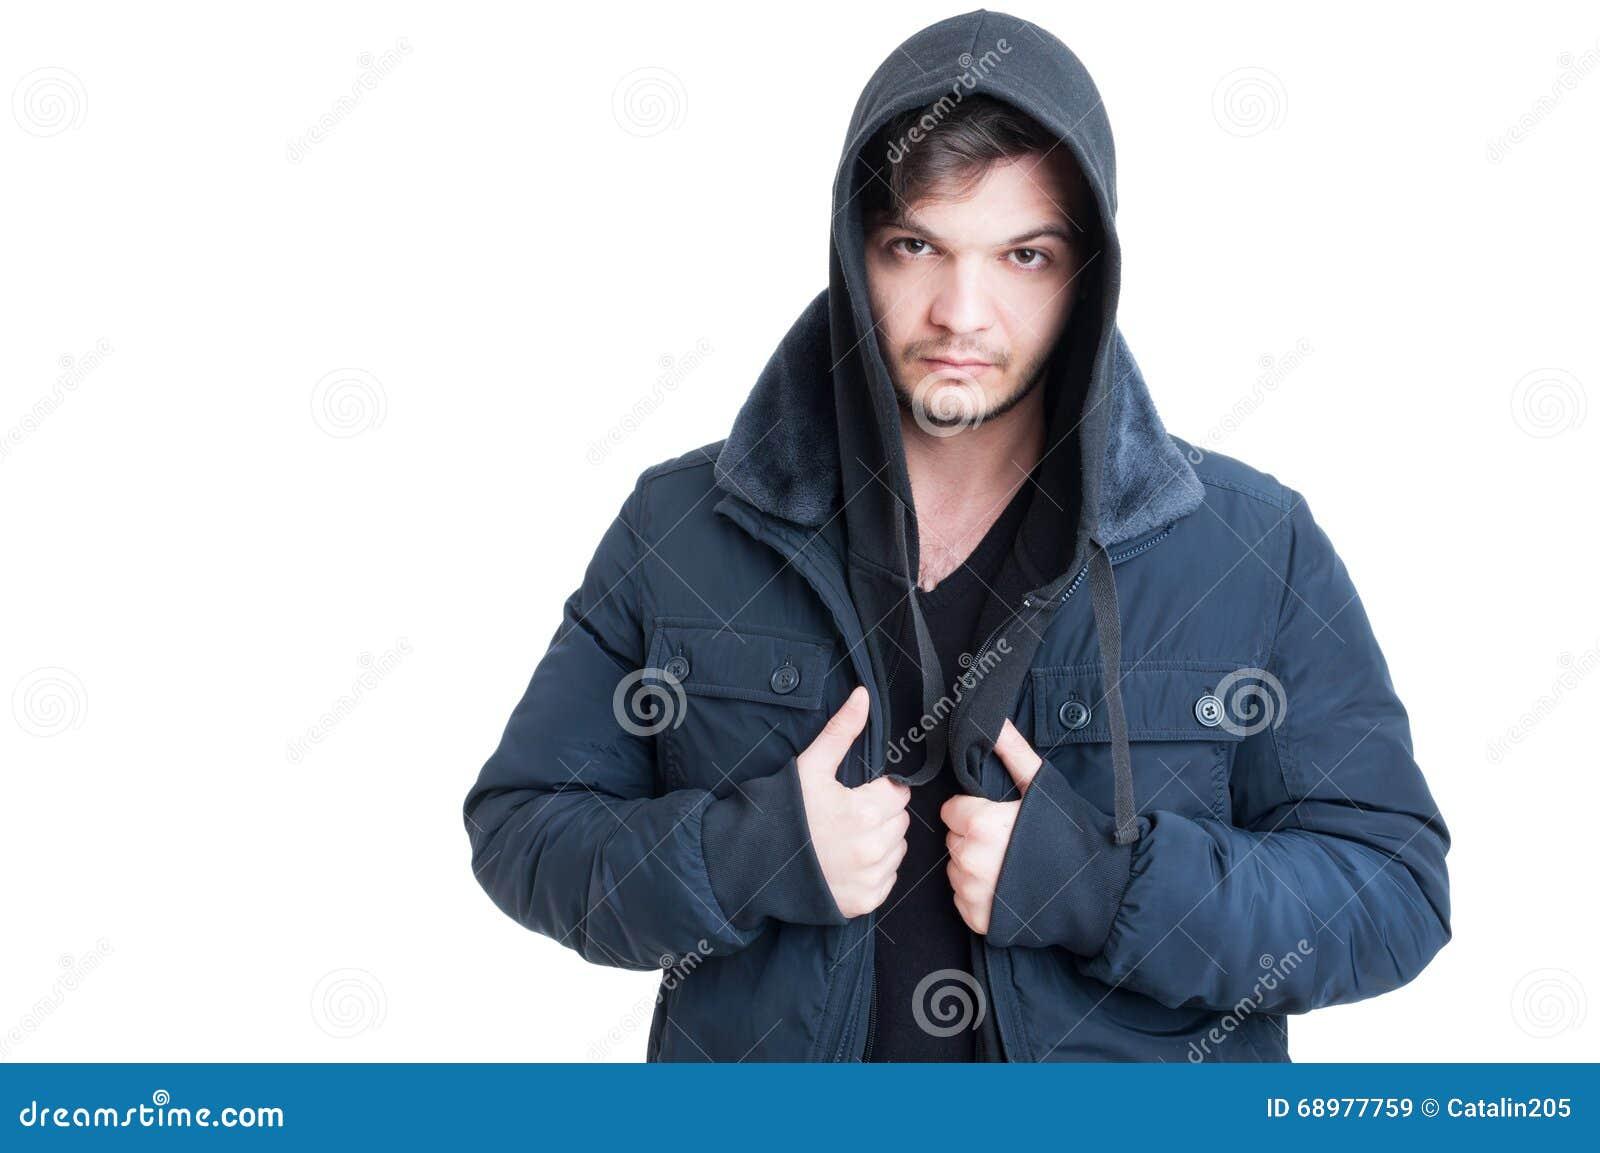 Retrato del hombre joven que lleva la sudadera con capucha y la chaqueta negras